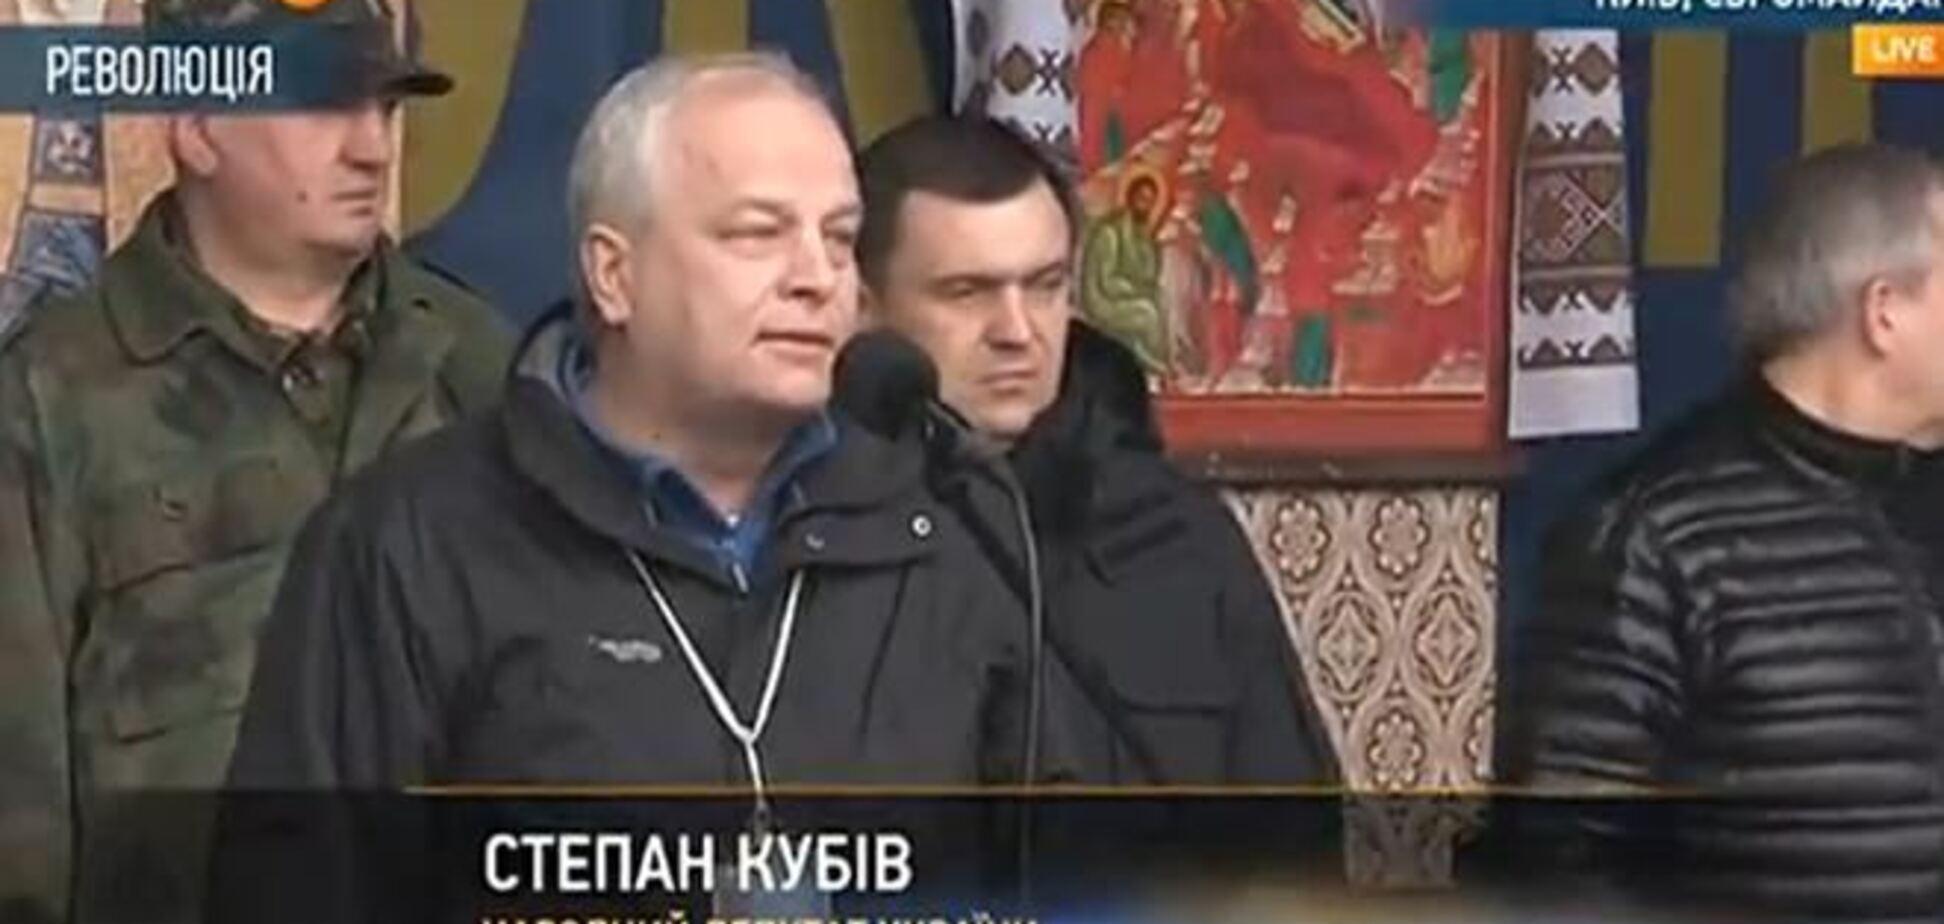 Комендант Евромайдана: люди уходят из админзданий ради свободы активистов